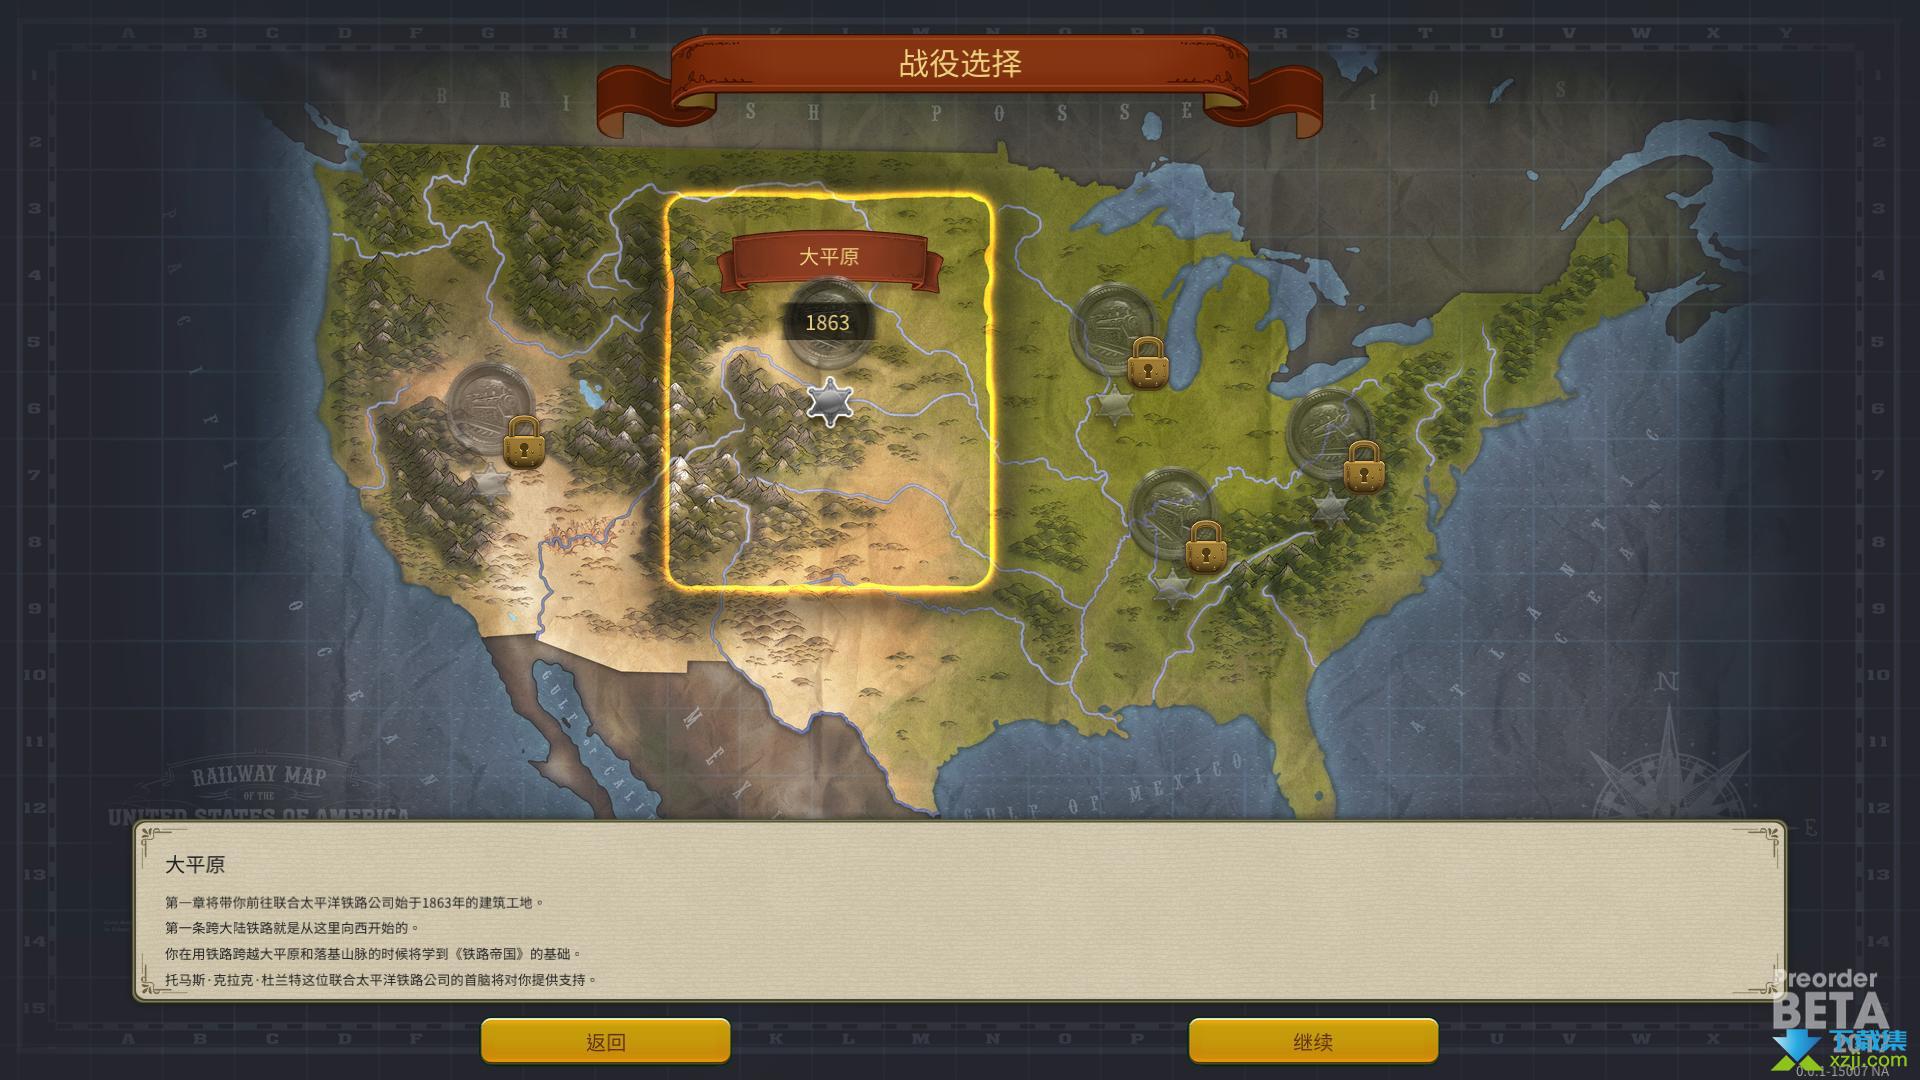 铁路帝国界面1